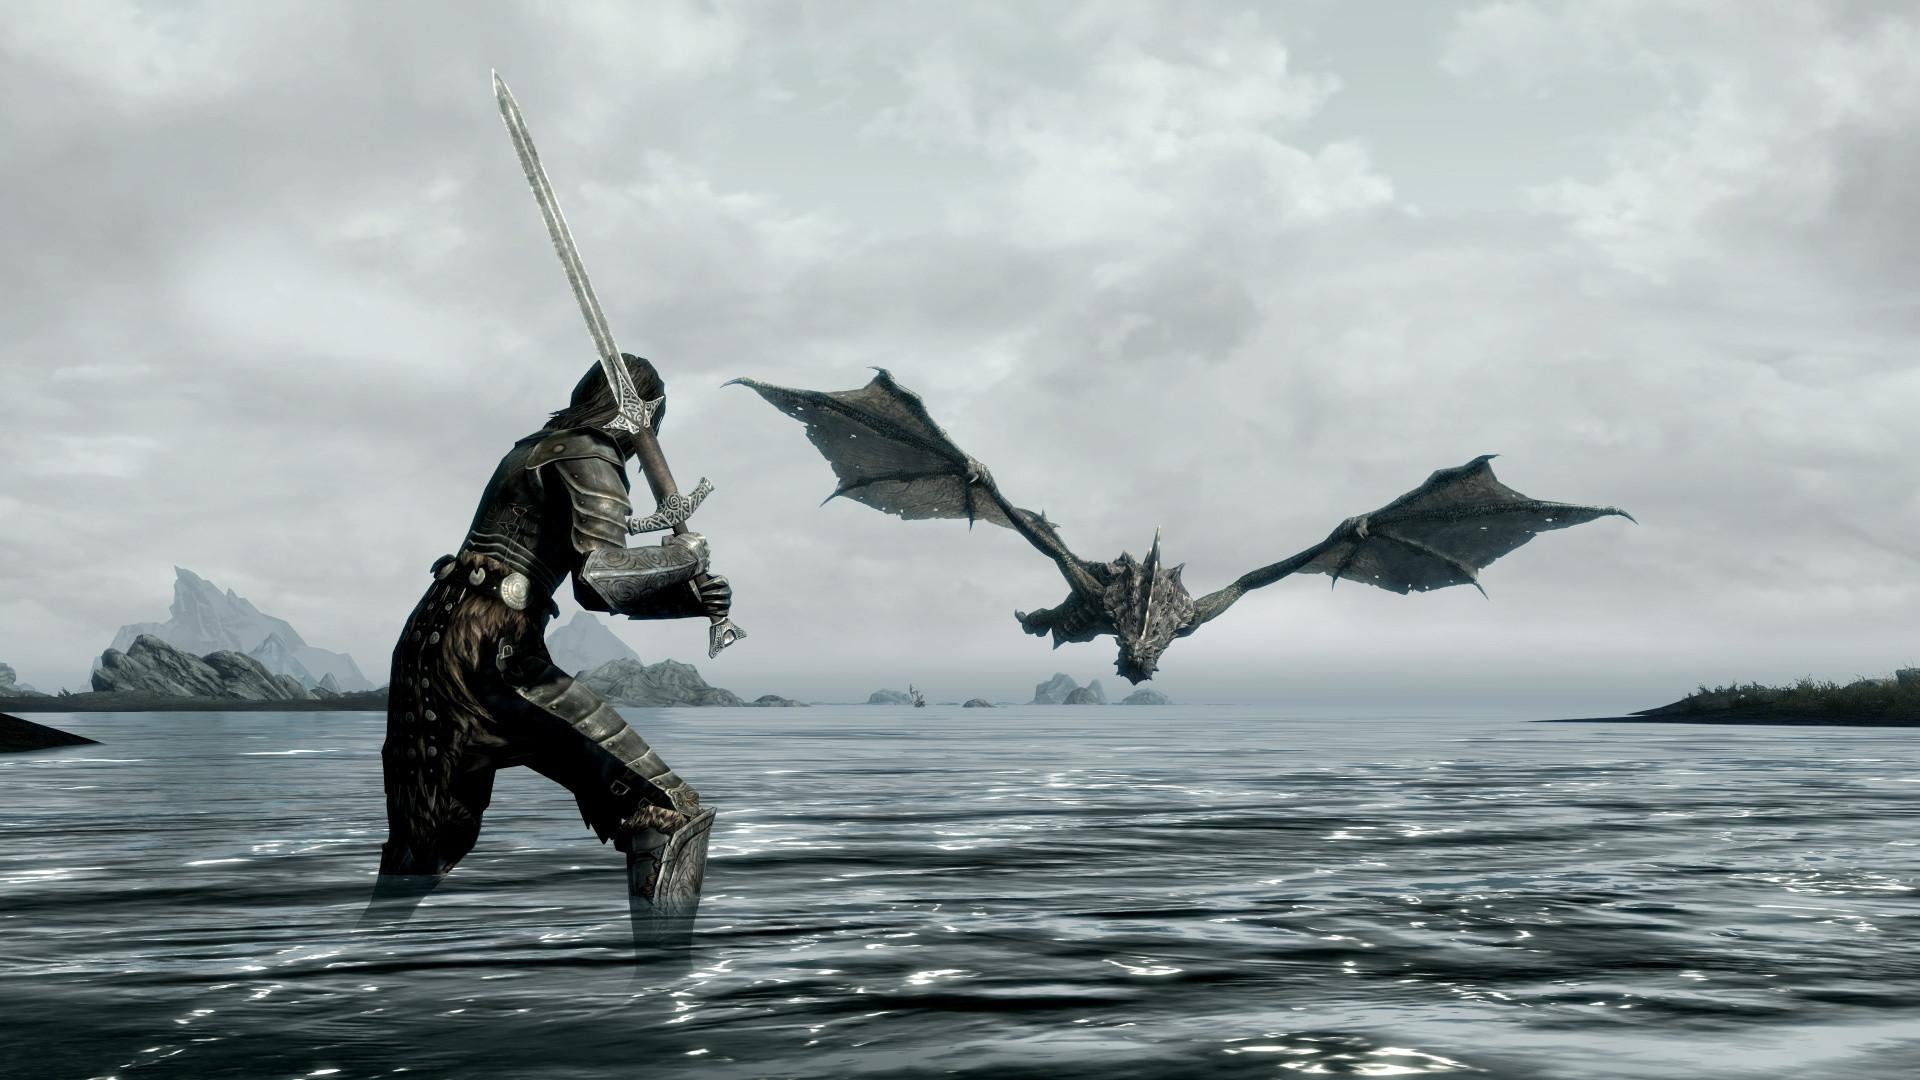 Skyrim-Backgrounds-Hd-wallpaper – Magic4Walls.com